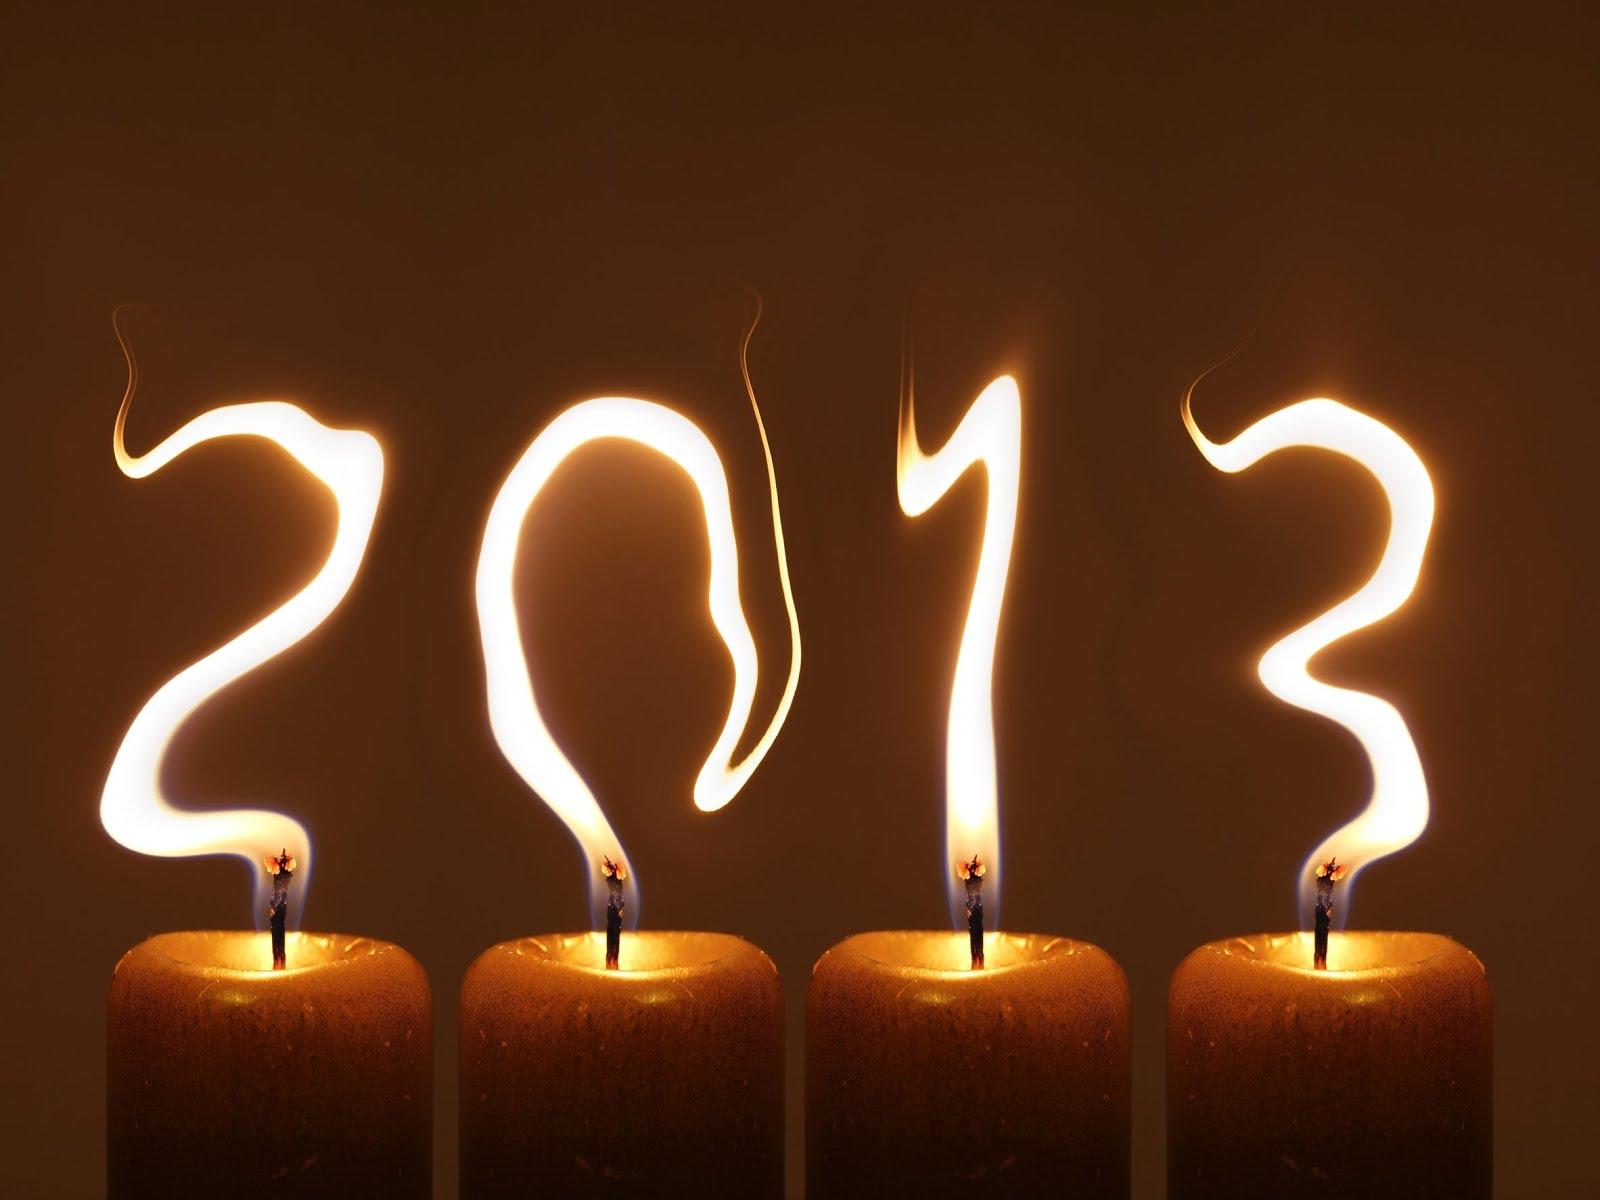 Imágenes y fondos para el Año Nuevo 2013 [7]